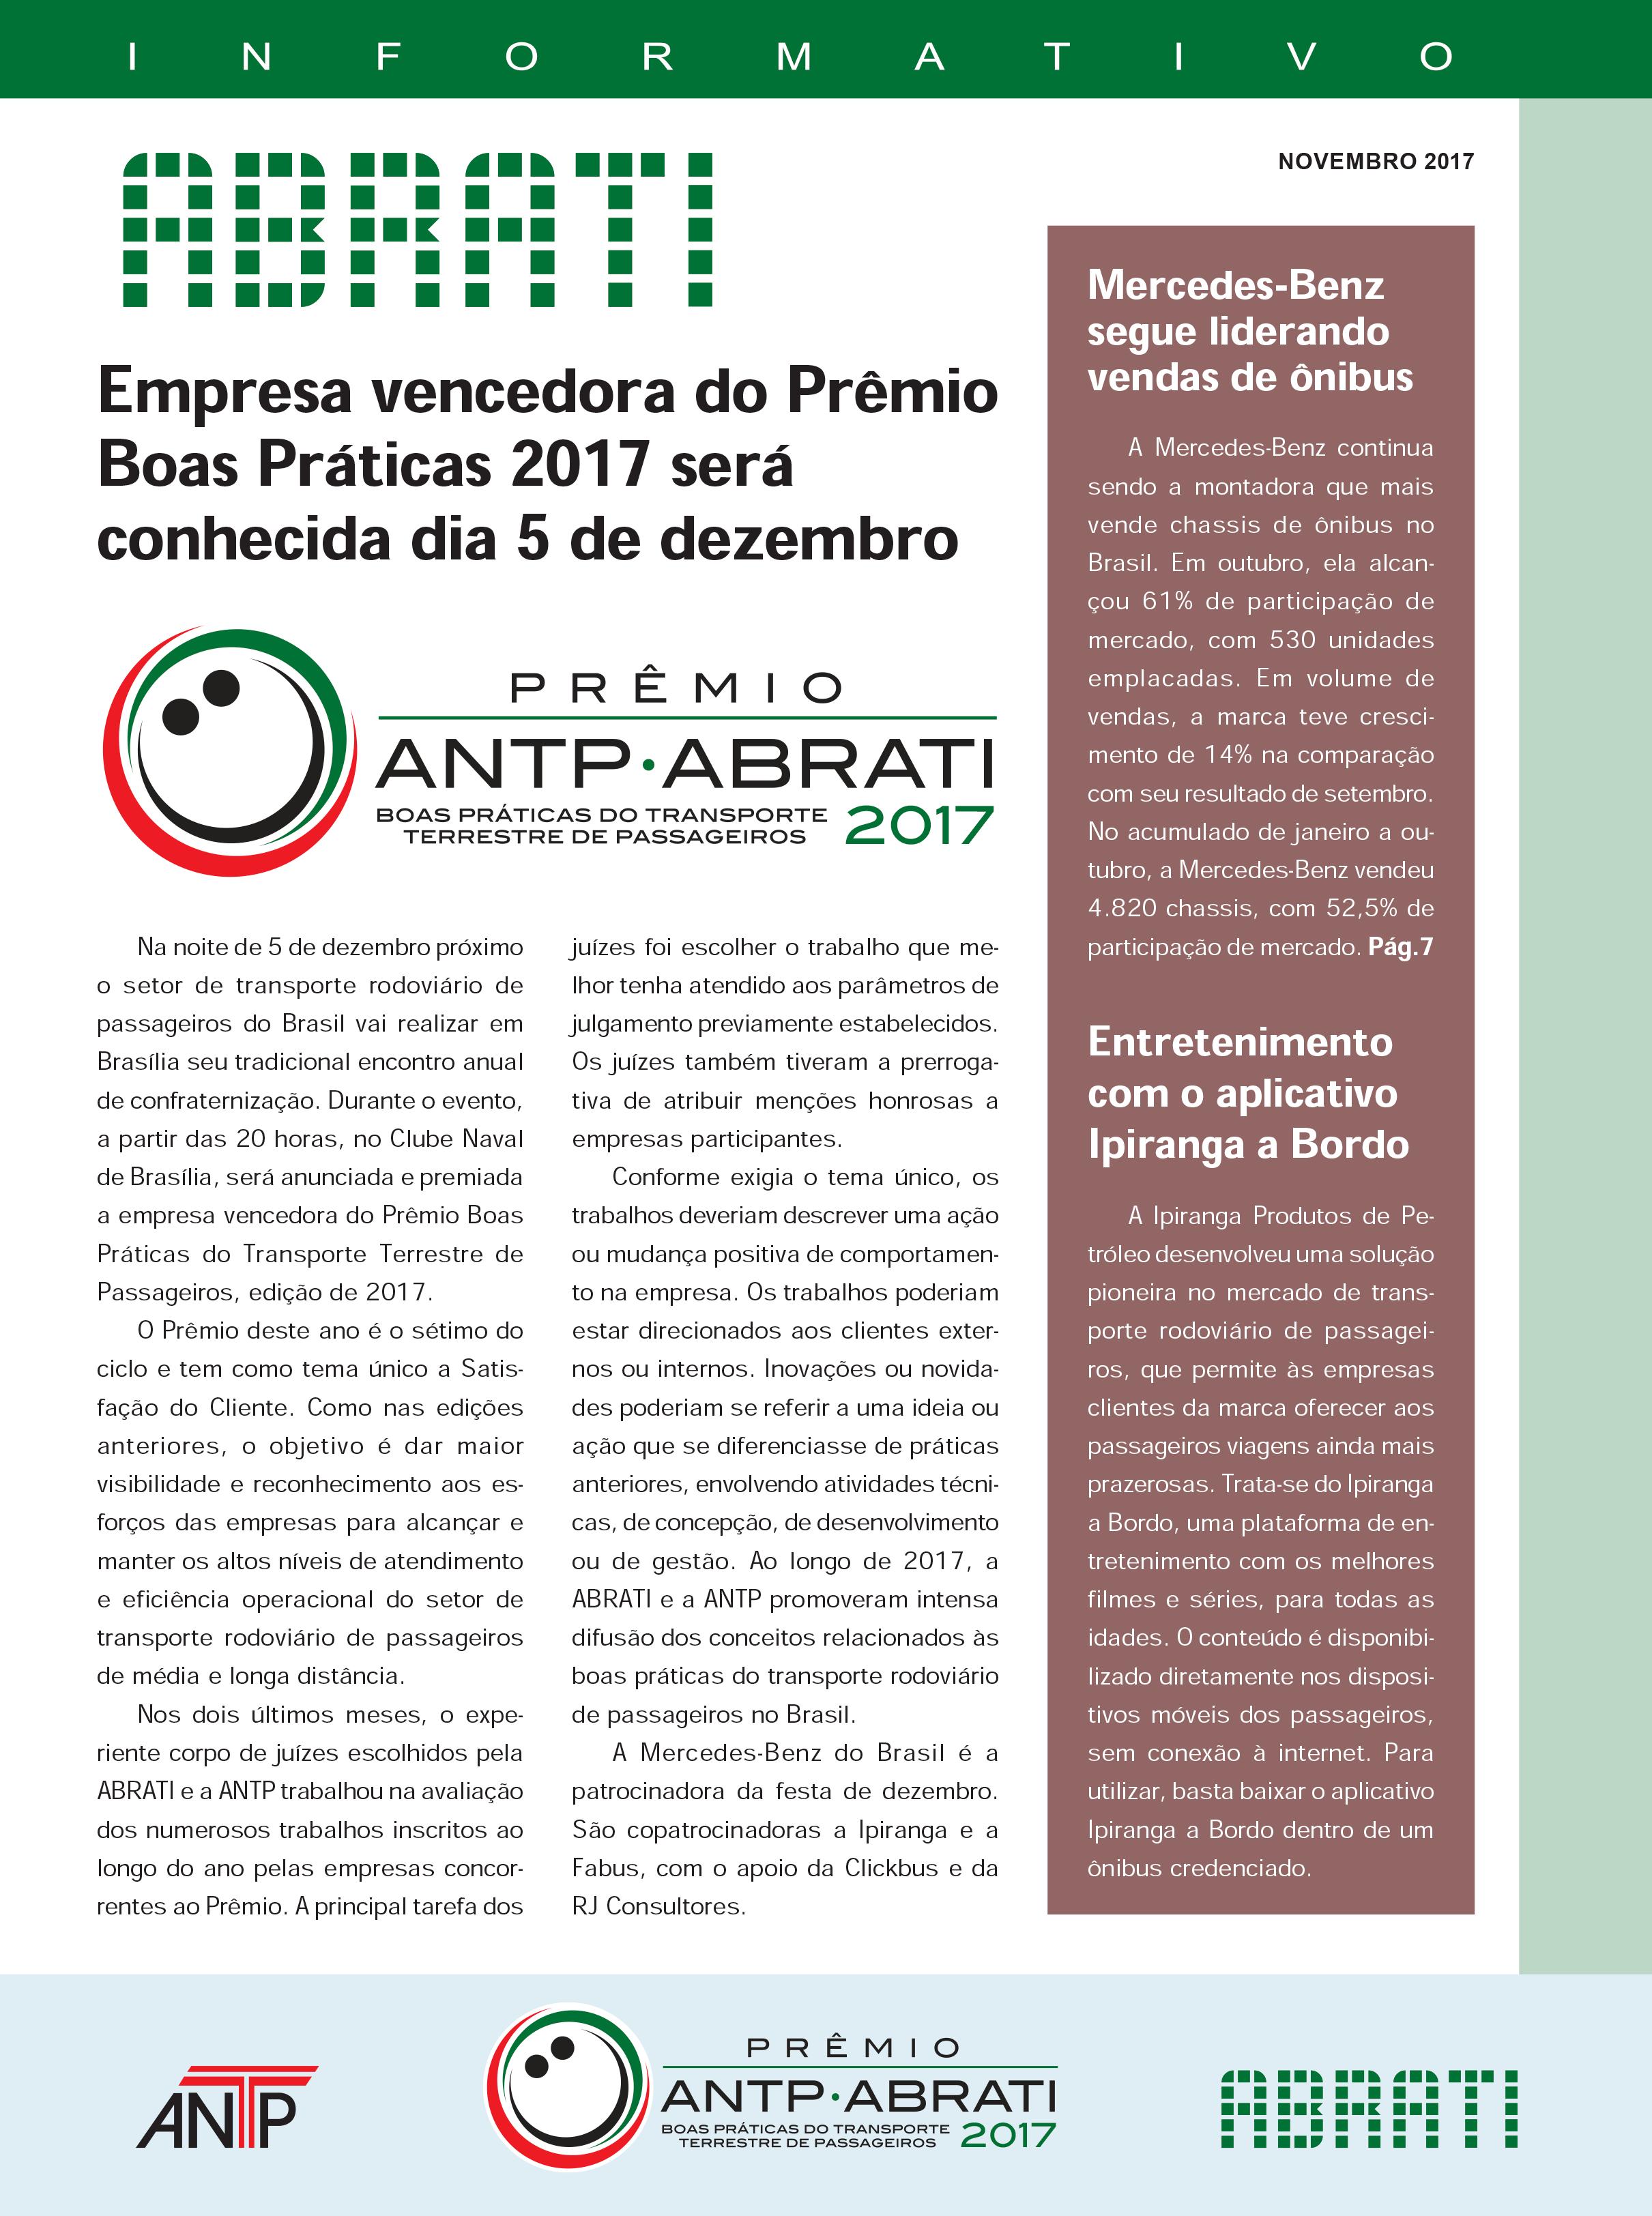 Informativo Novembro 2017